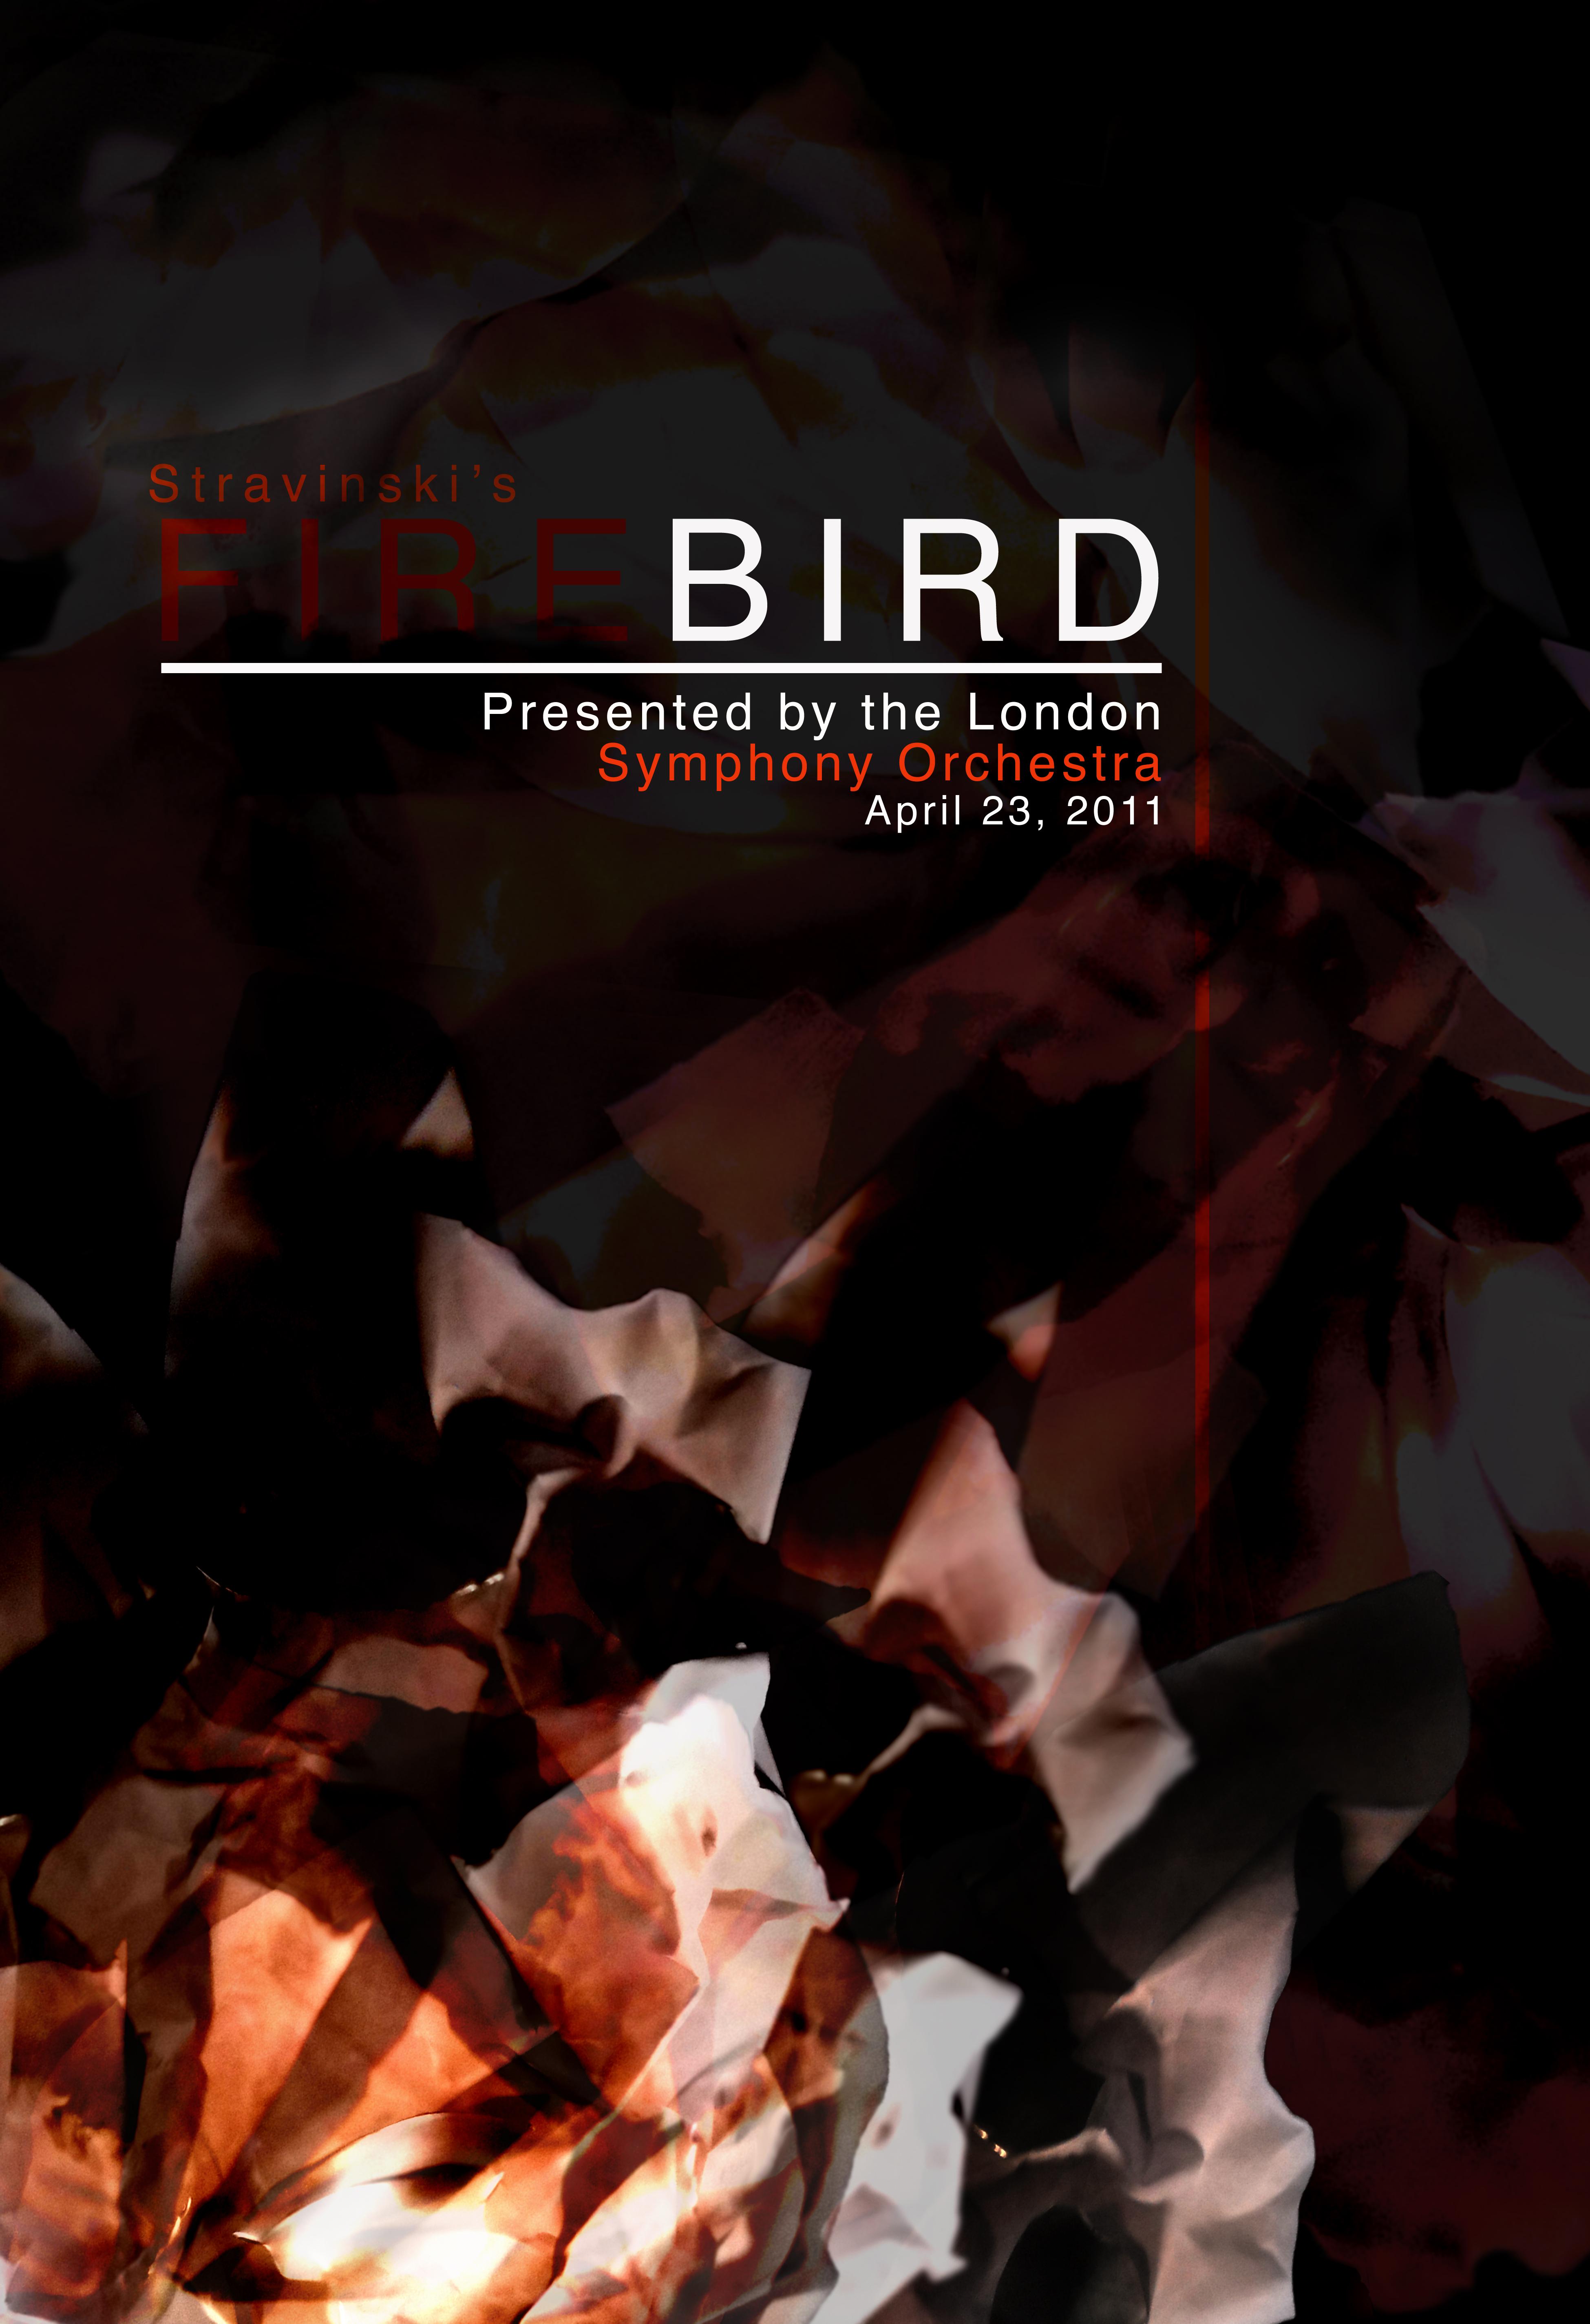 ewhitefirebird